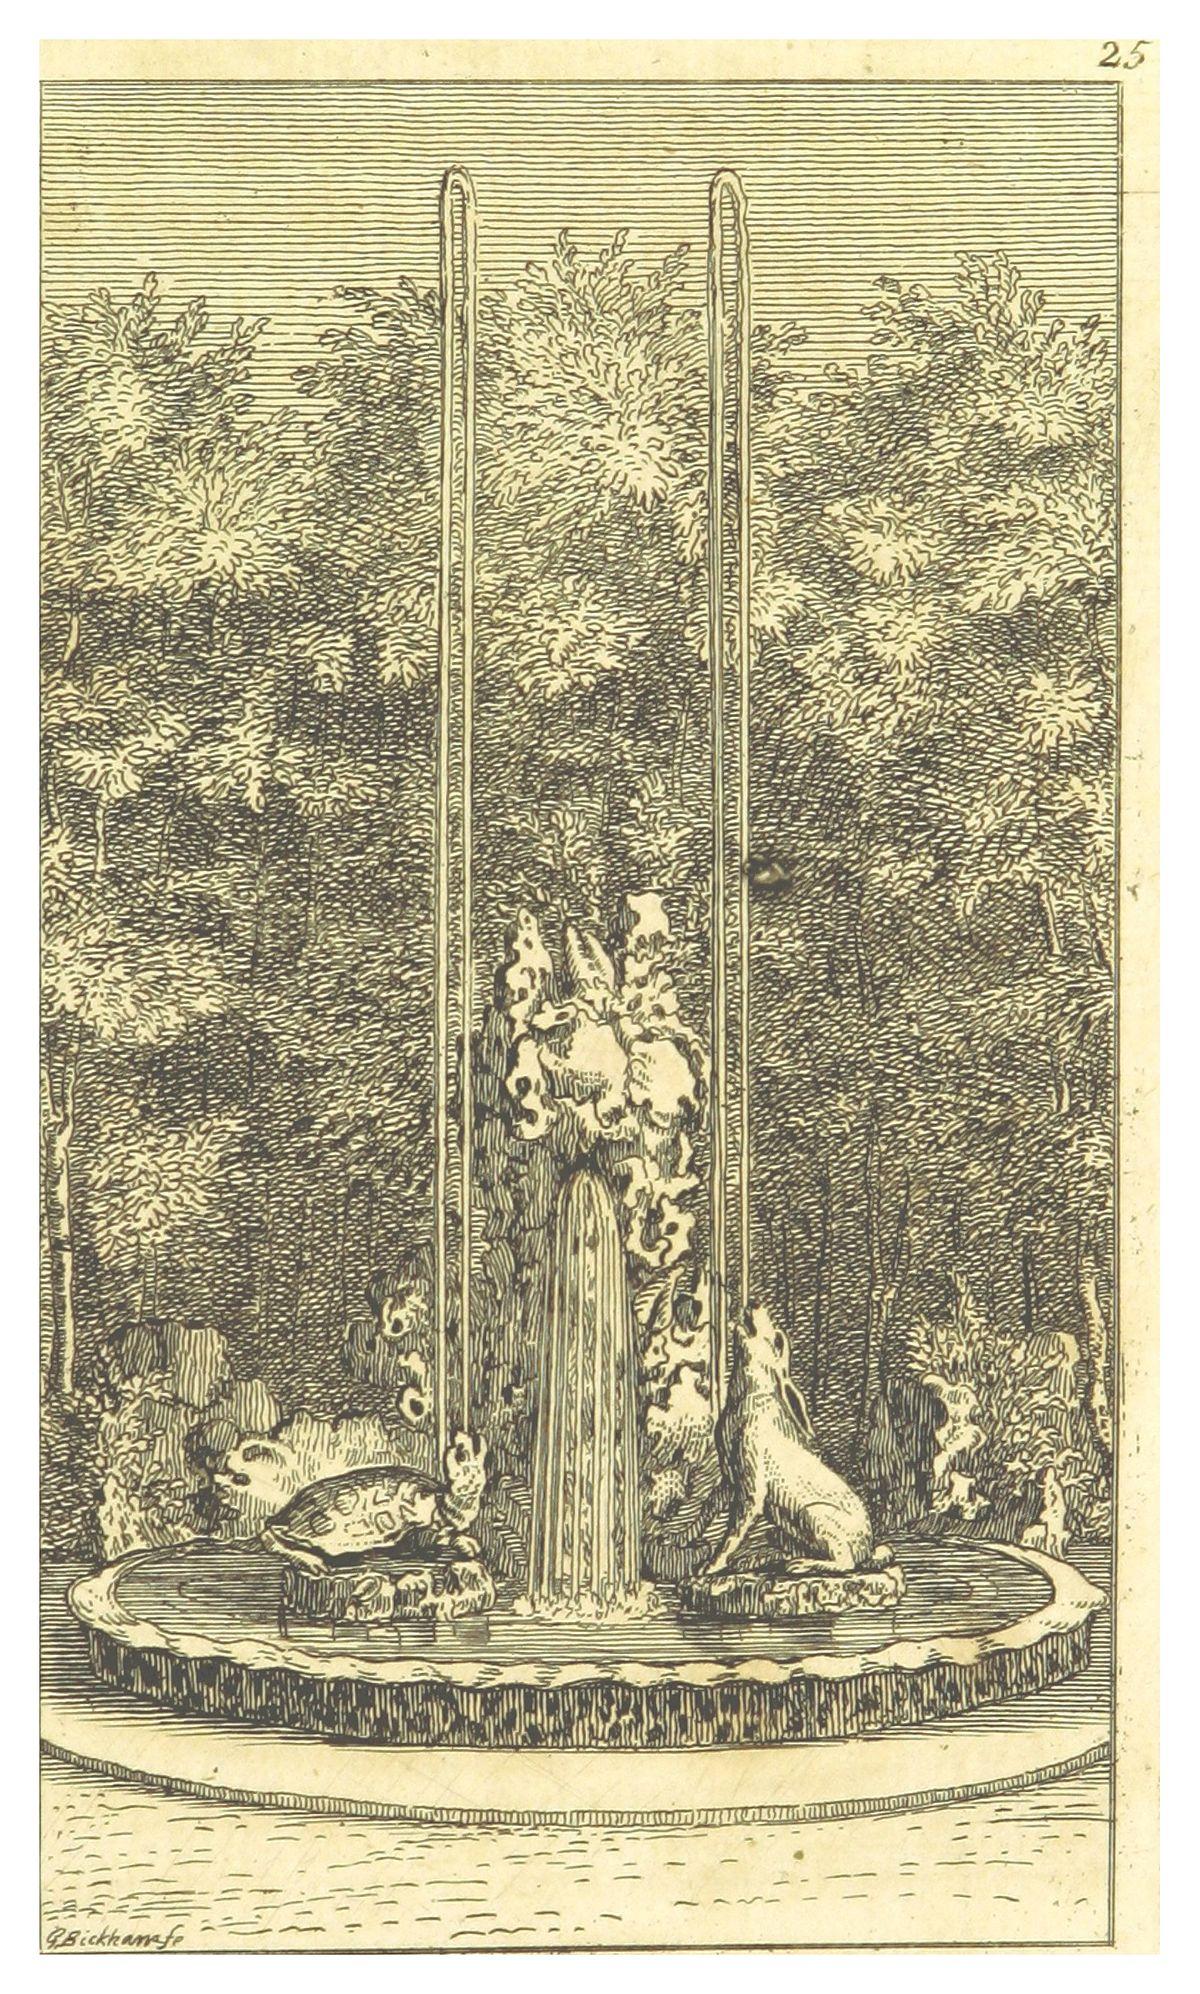 Trente six fables d 39 sope le li vre et la tortue wikiversit - Dessin du lievre et de la tortue ...